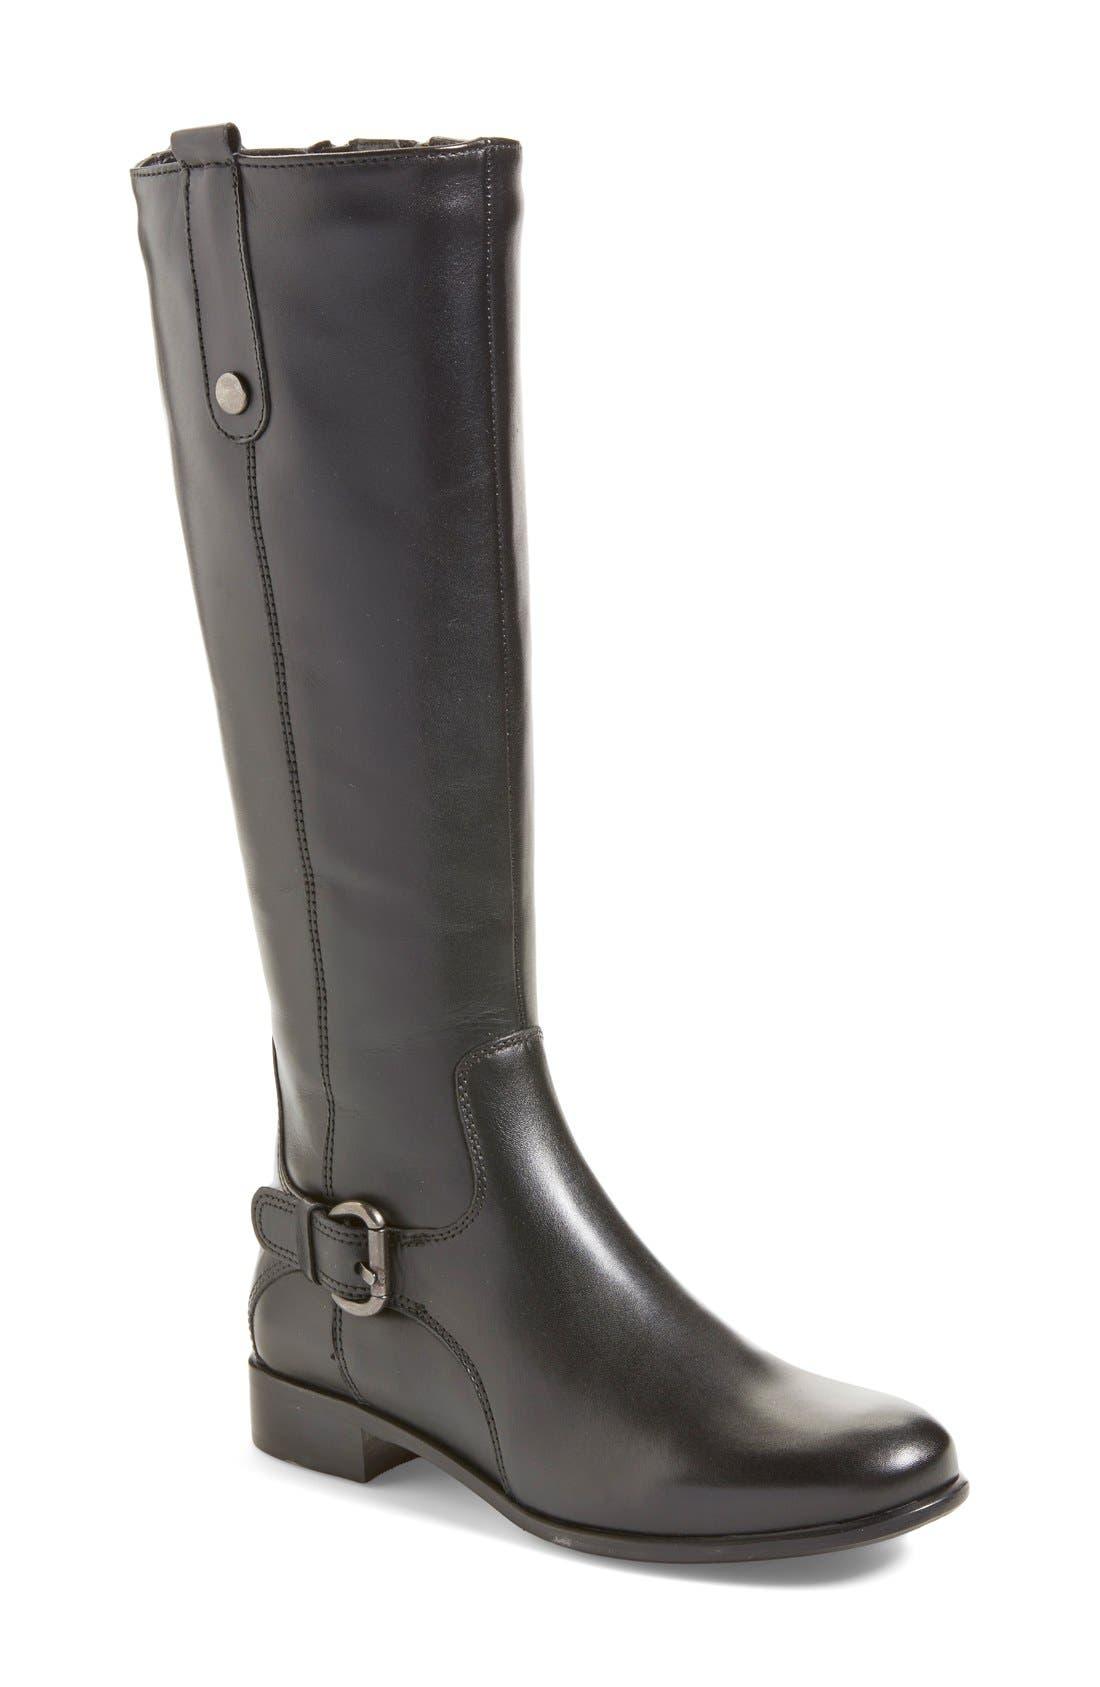 Main Image - La Canadienne 'Stefanie' Waterproof Boot (Women)